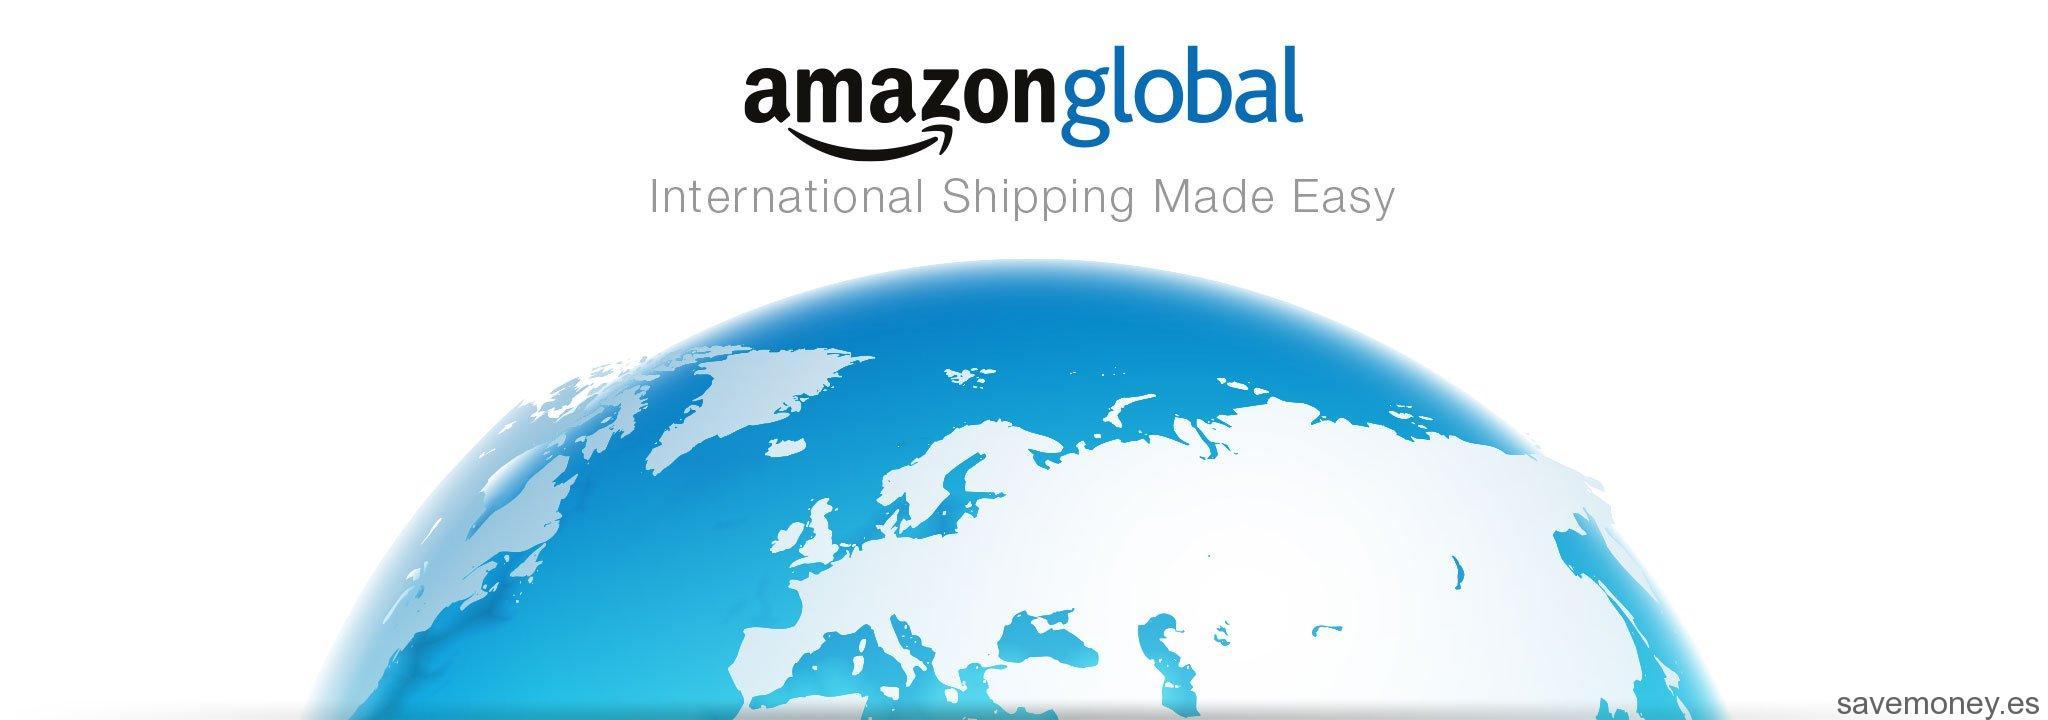 Amazon-global